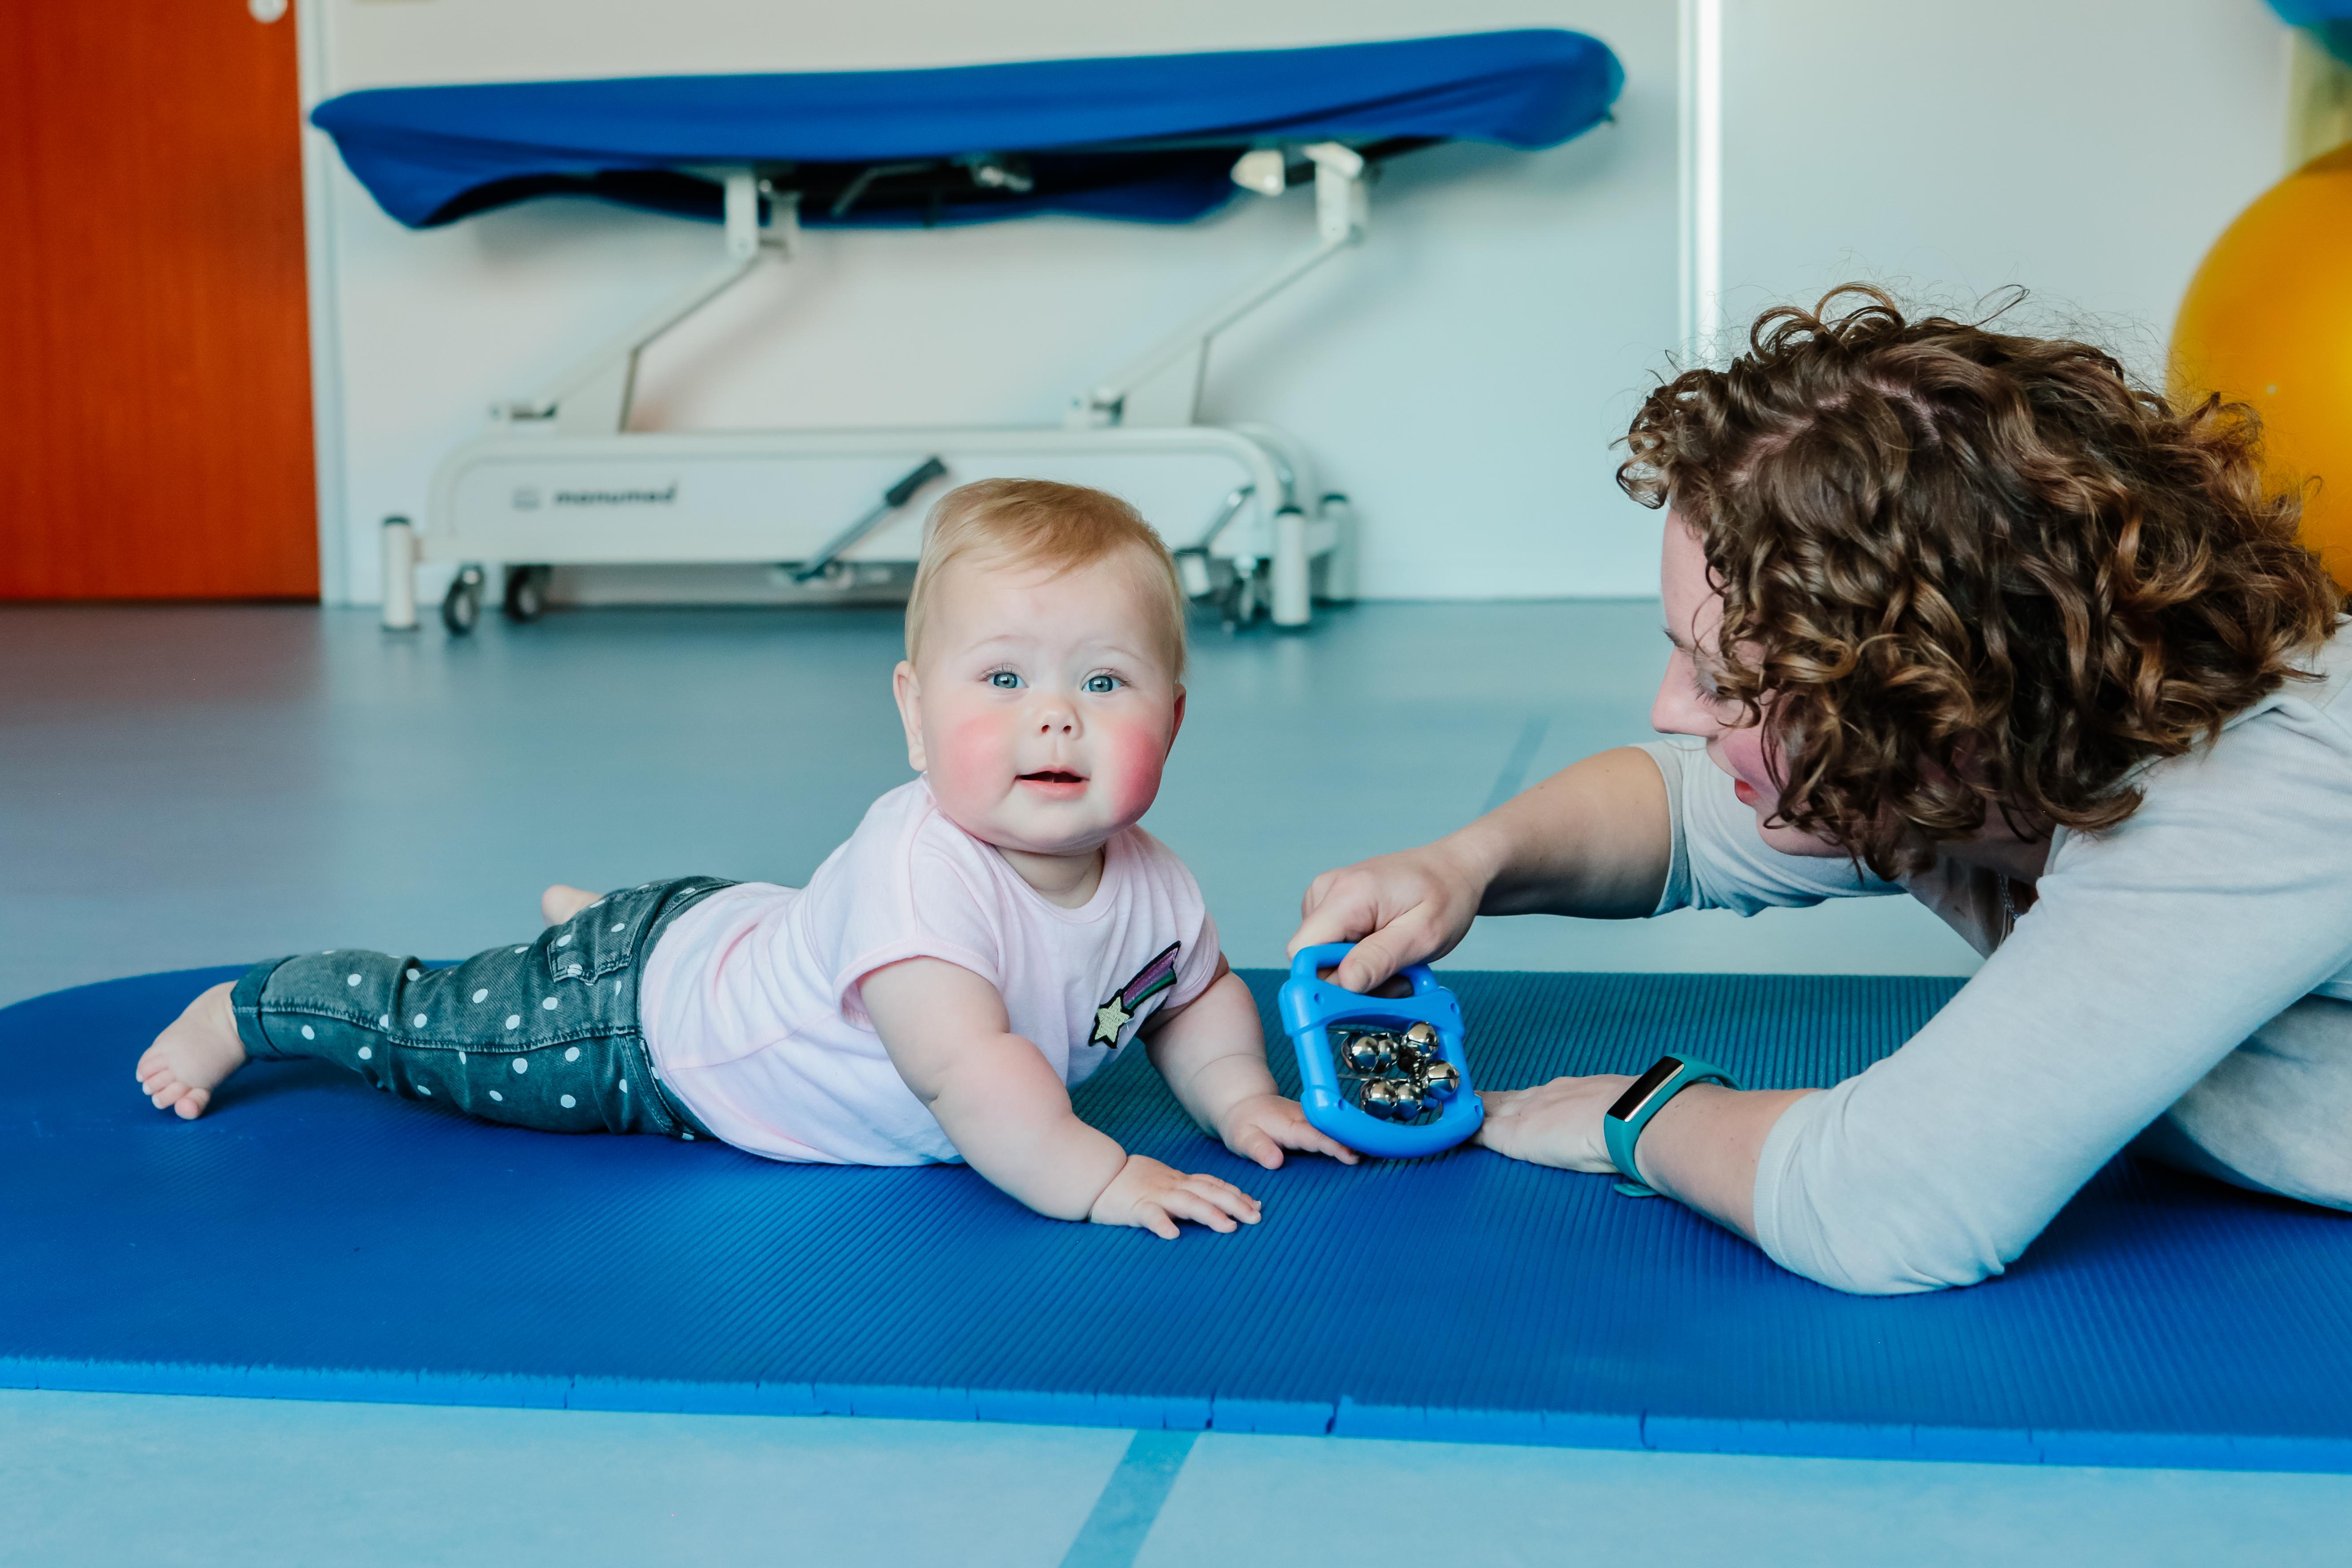 oefentherapie, cesar oefentherapie, oefentherapeut, rugklachten, schouderklachten, nekklachten, stress, houding, nachtrust, slapen, klachten, motoriek, zintuigen, reuma